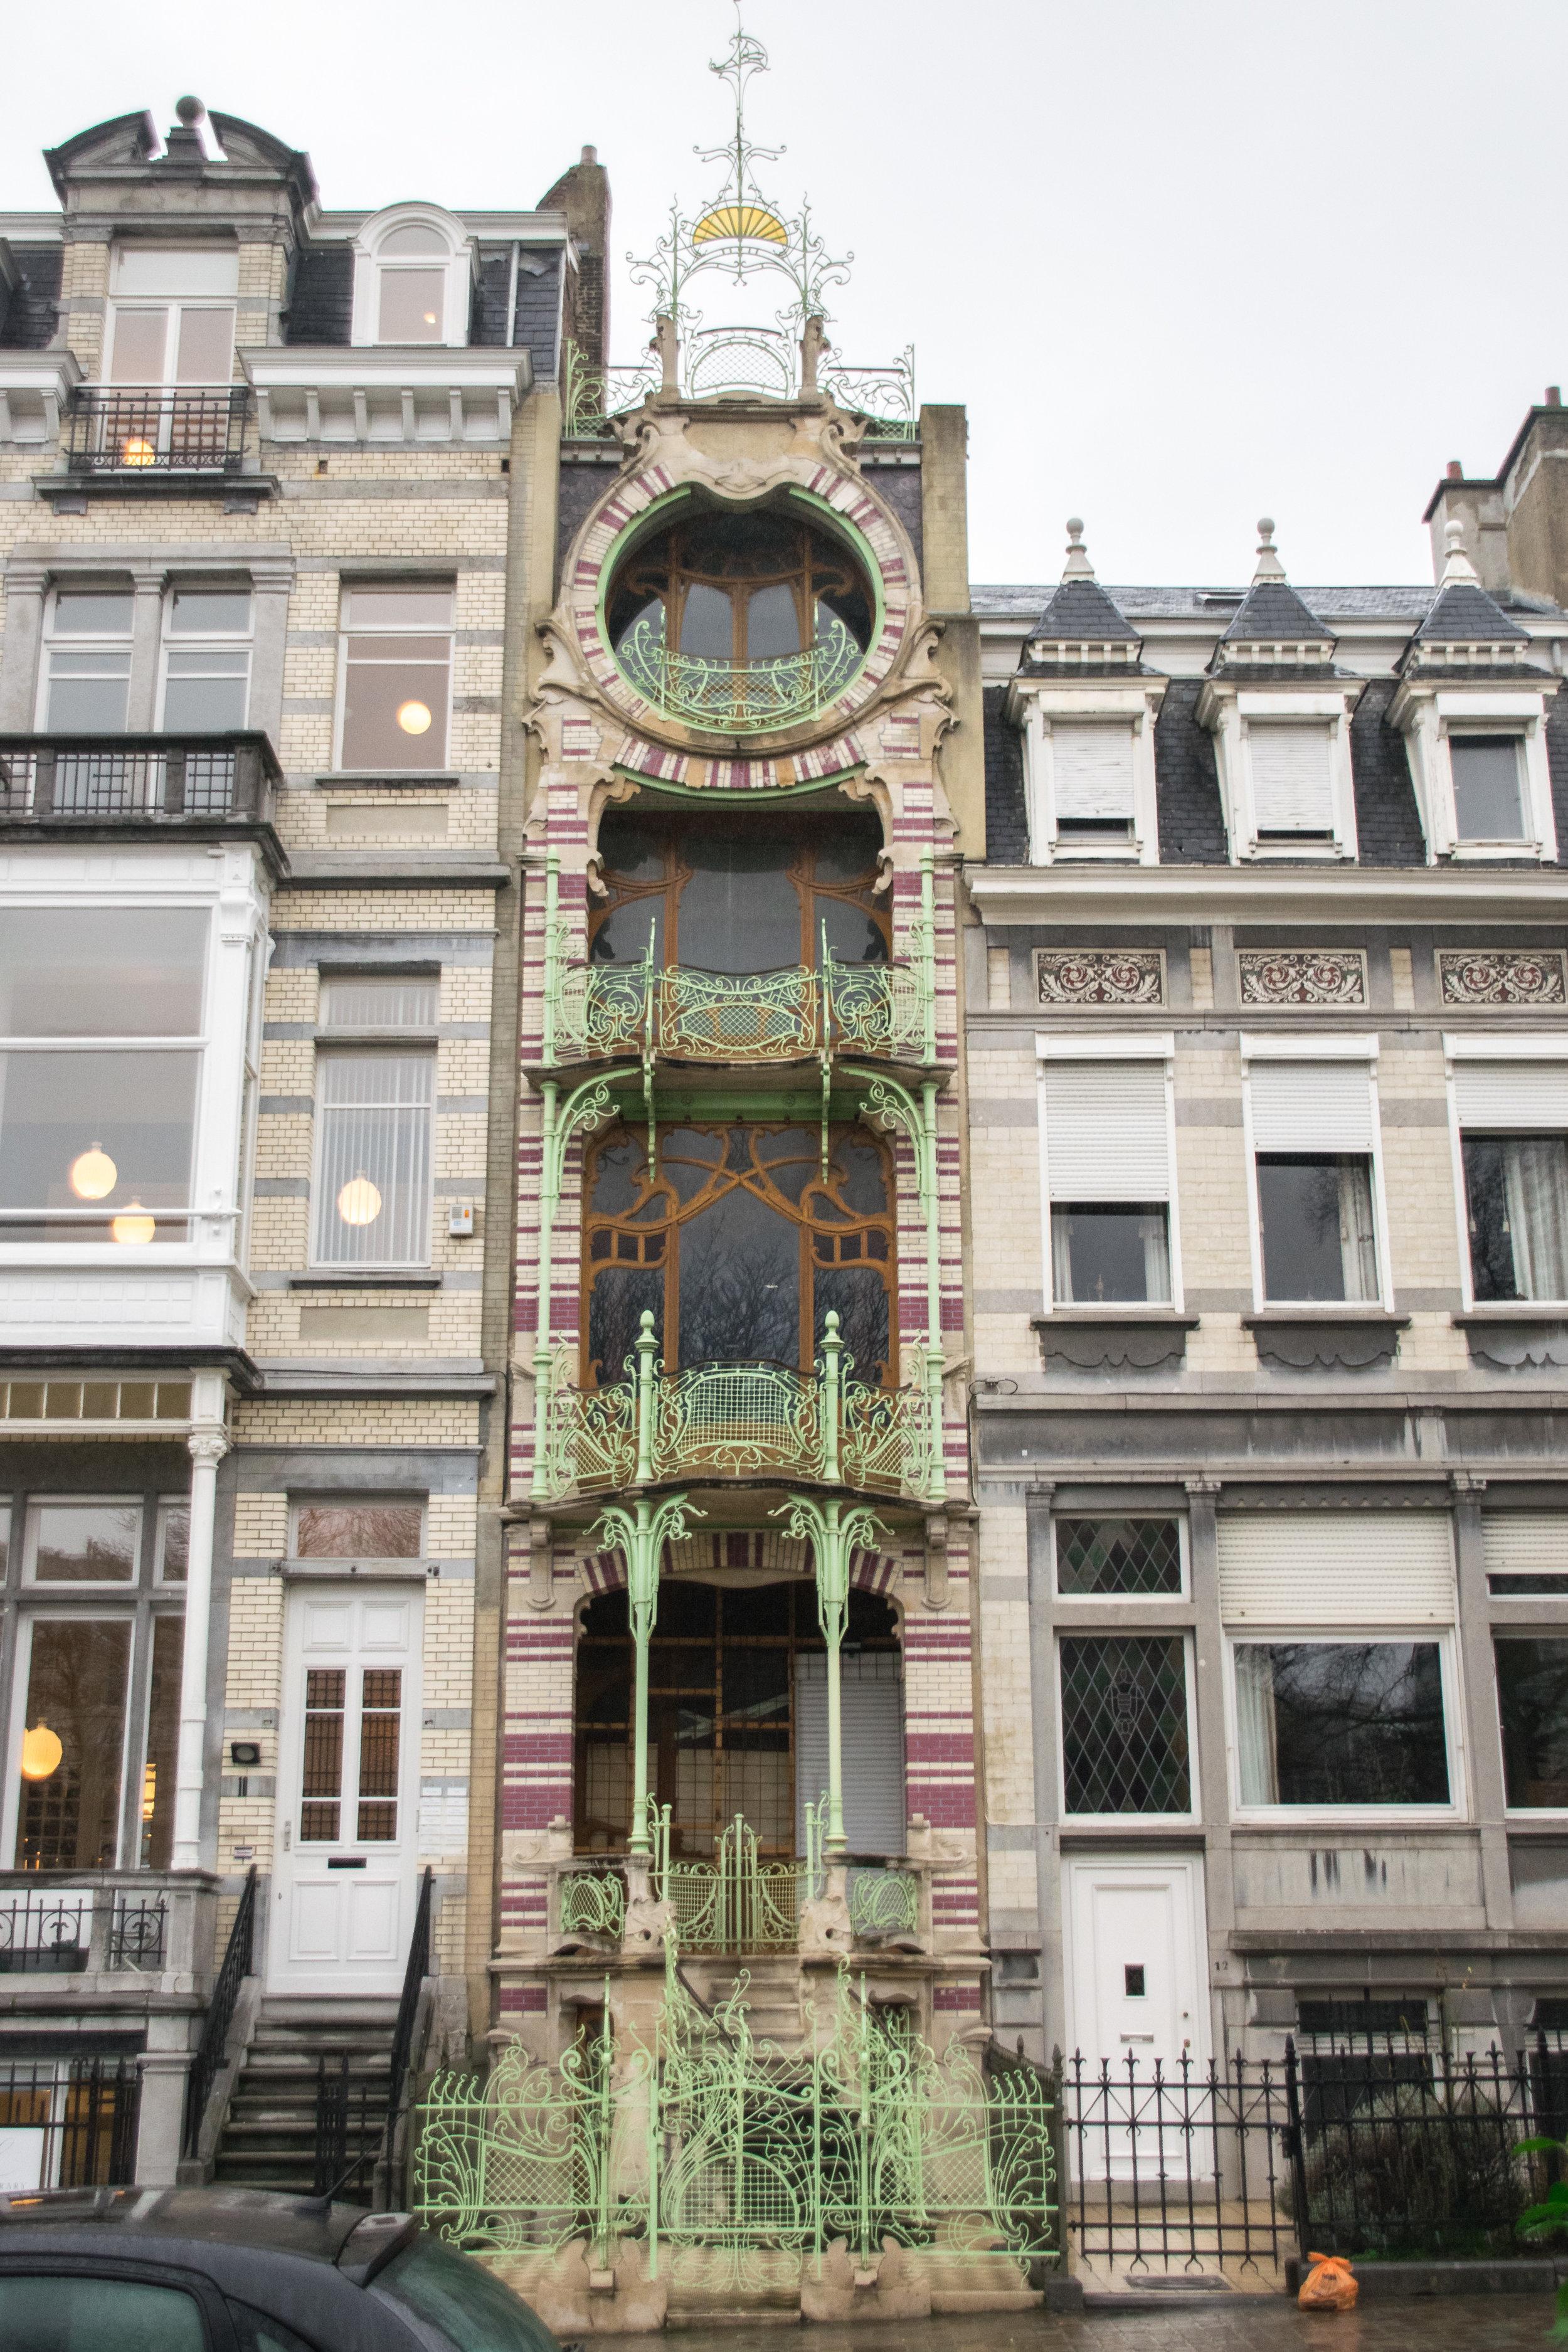 the Saint-Cyr house